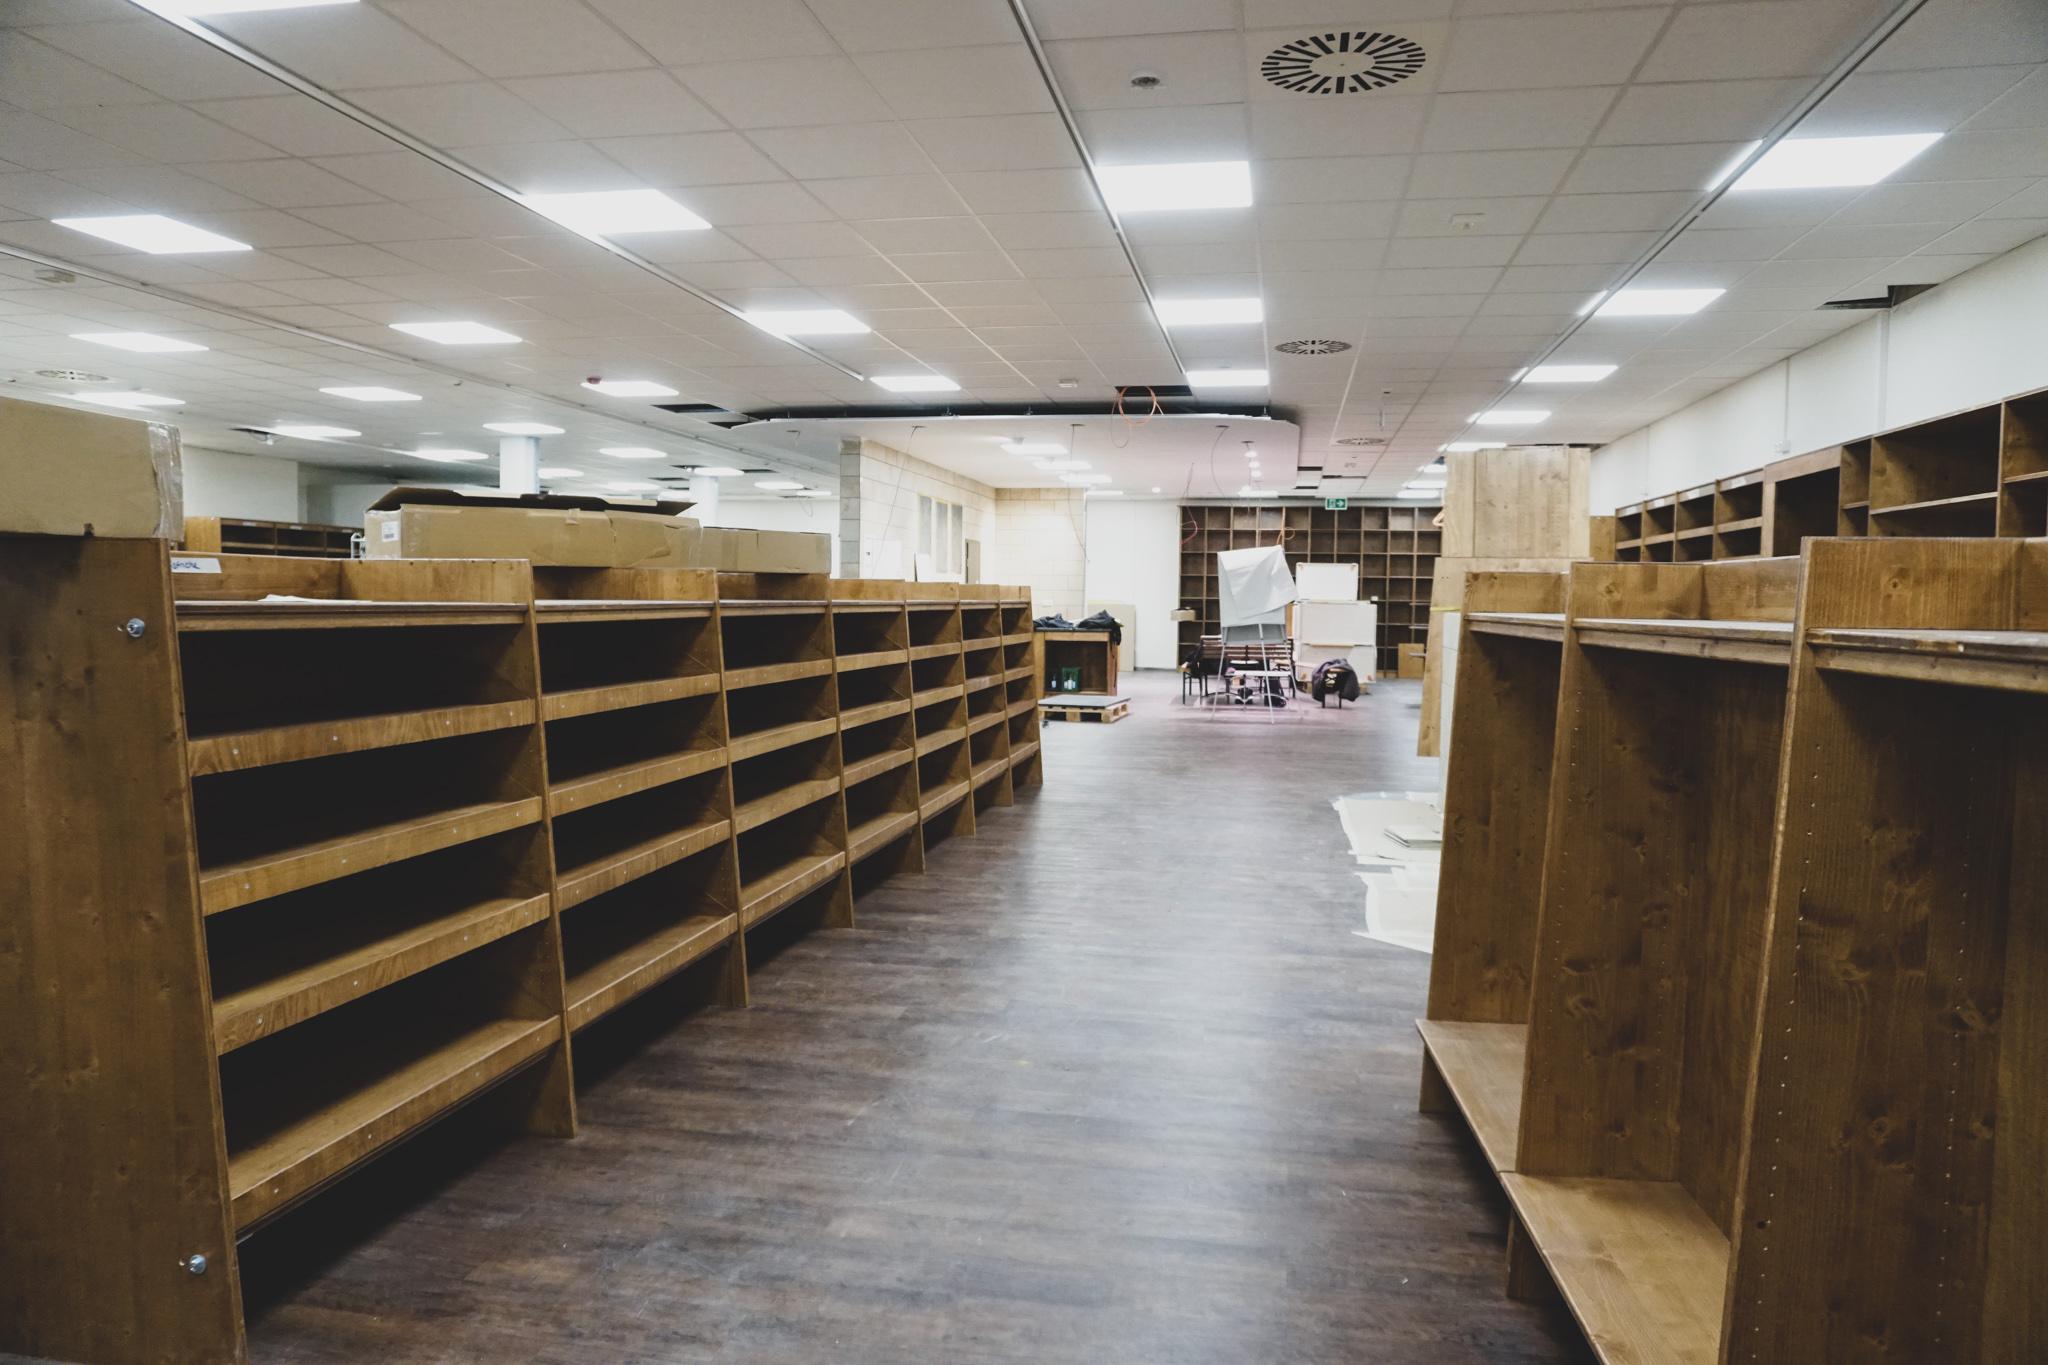 Biomarkt-Leipzig-Großzschocher-Eröffnung